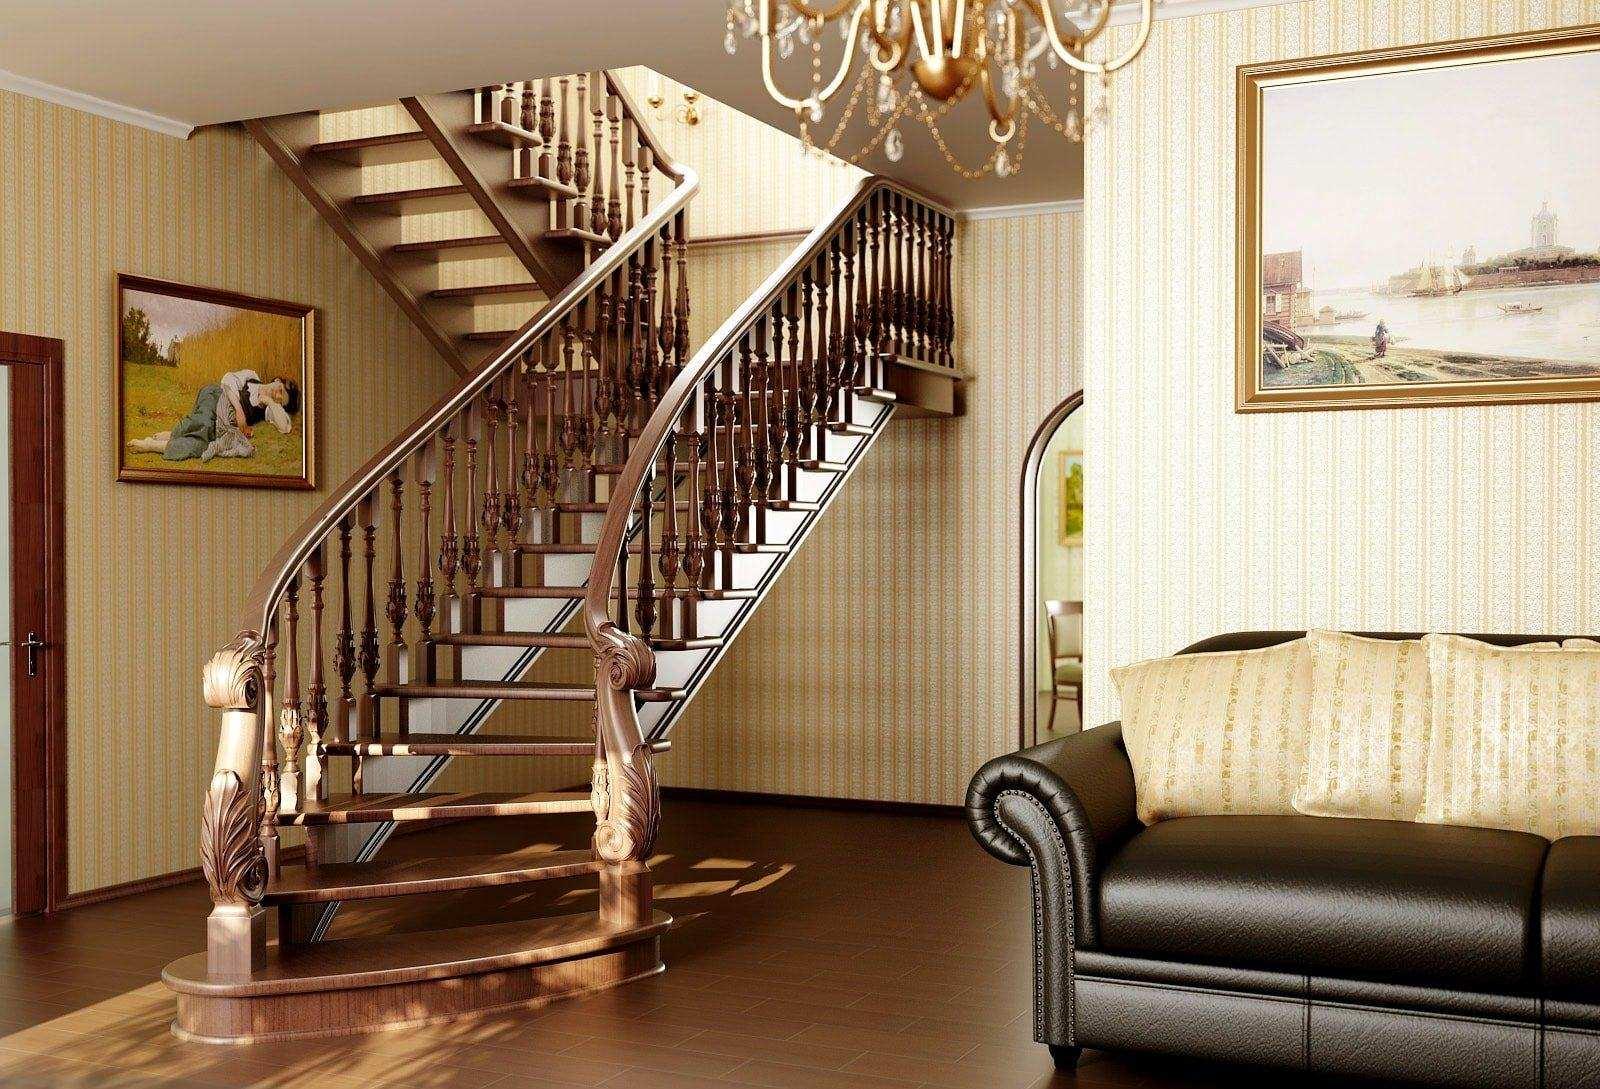 Балясины для лестниц - материалы и принцип установки